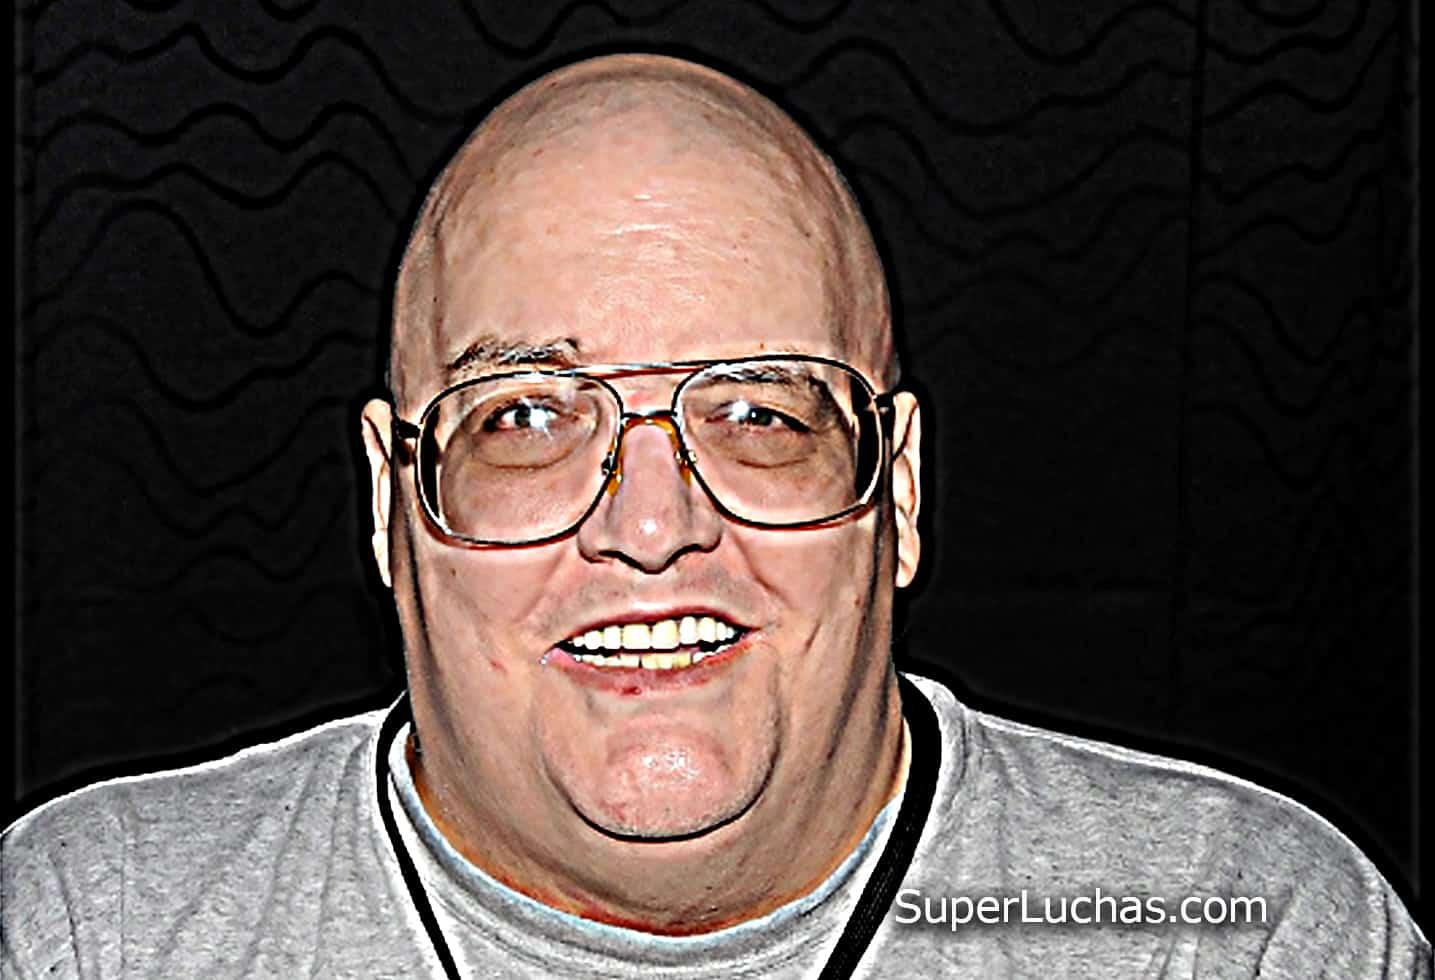 King Kong Bundy / WWE / SÚPER LUCHAS / SuperLuchas.com